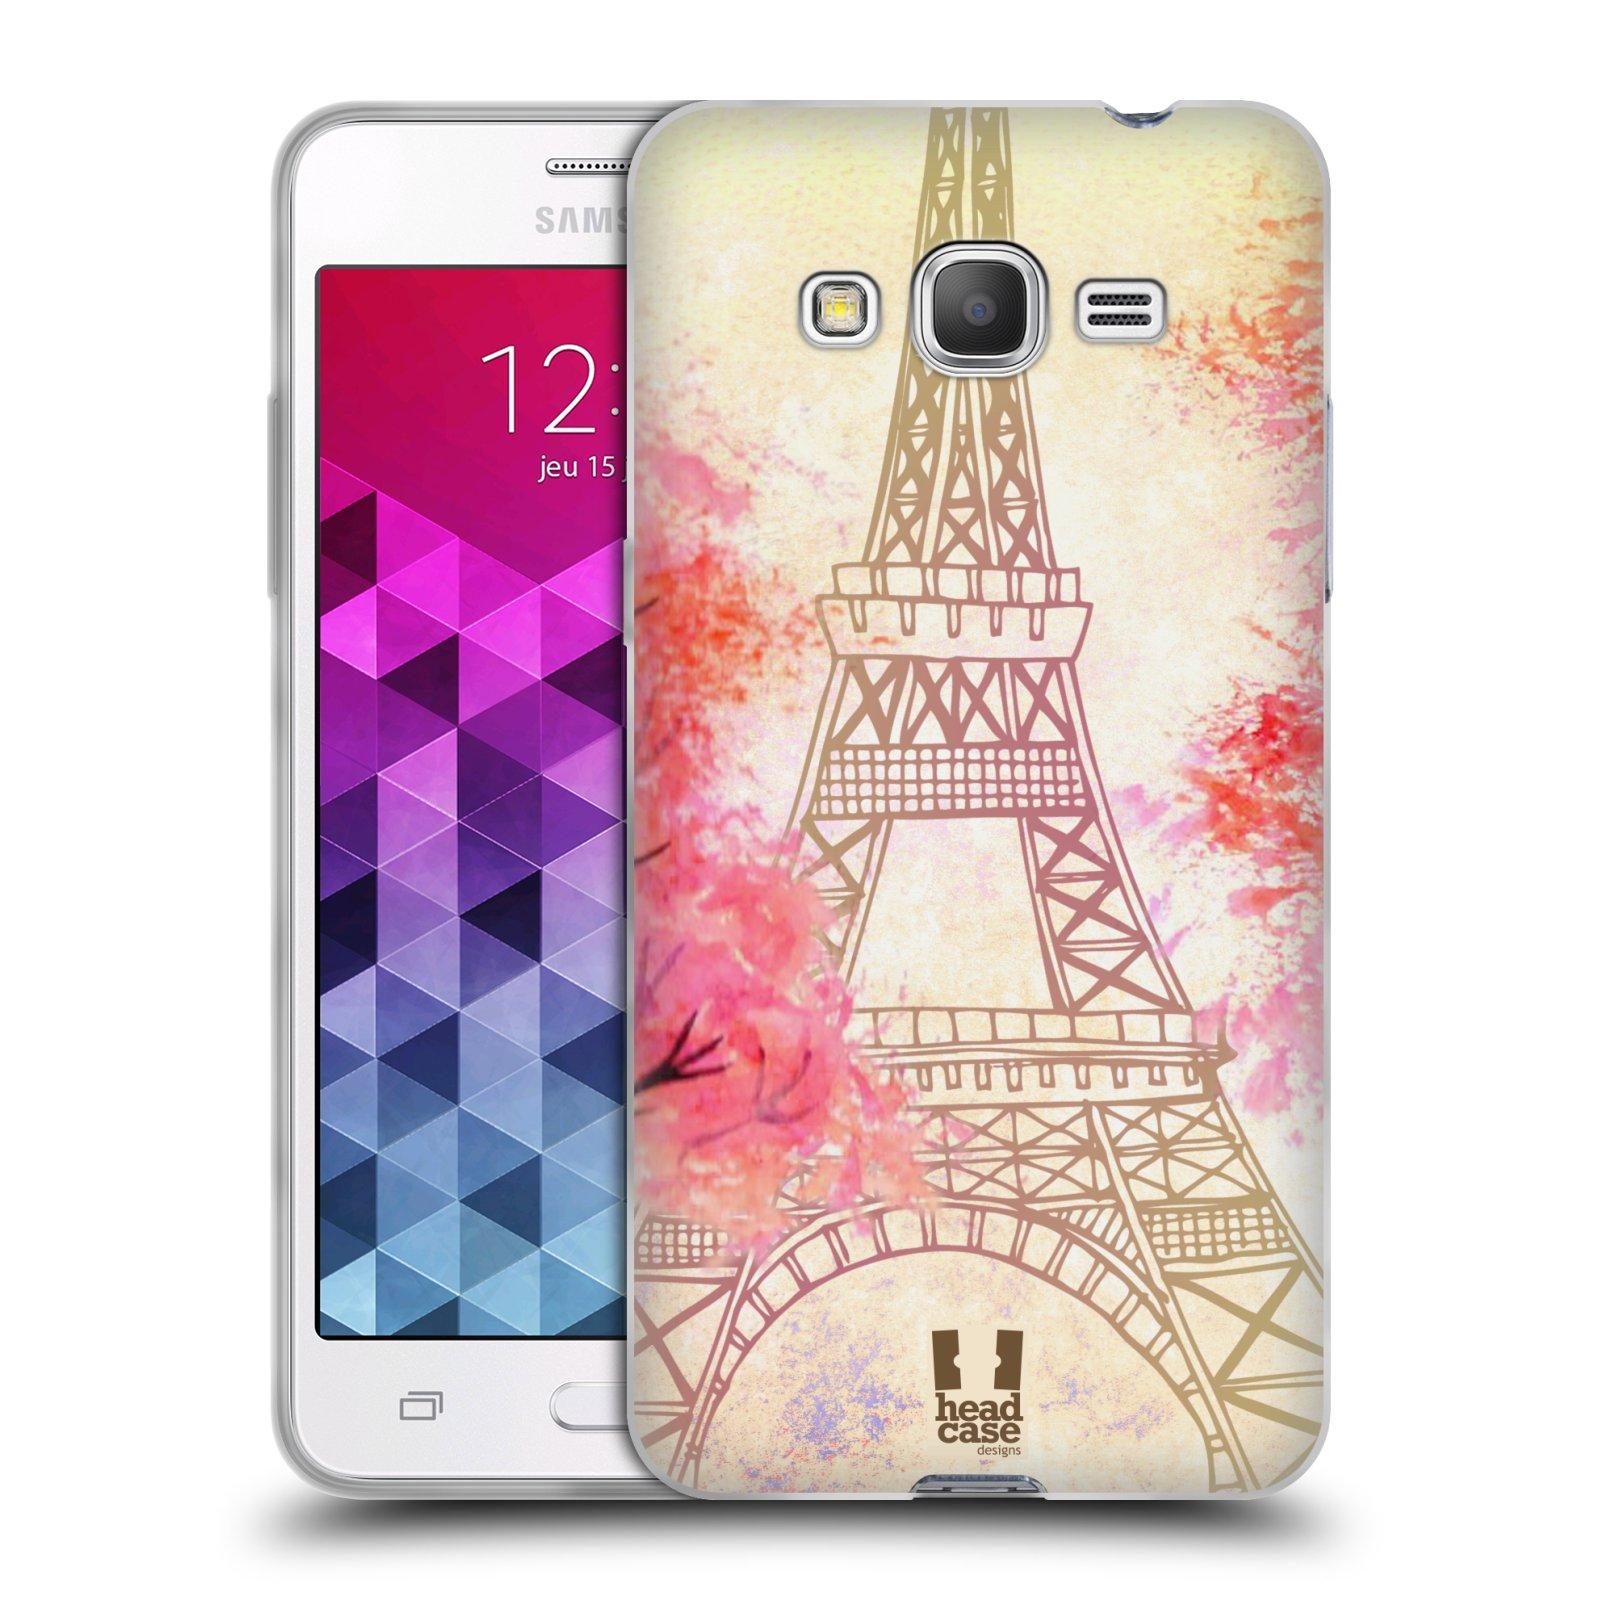 Silikonové pouzdro na mobil Samsung Galaxy Grand Prime HEAD CASE PAŘÍŽ TREES